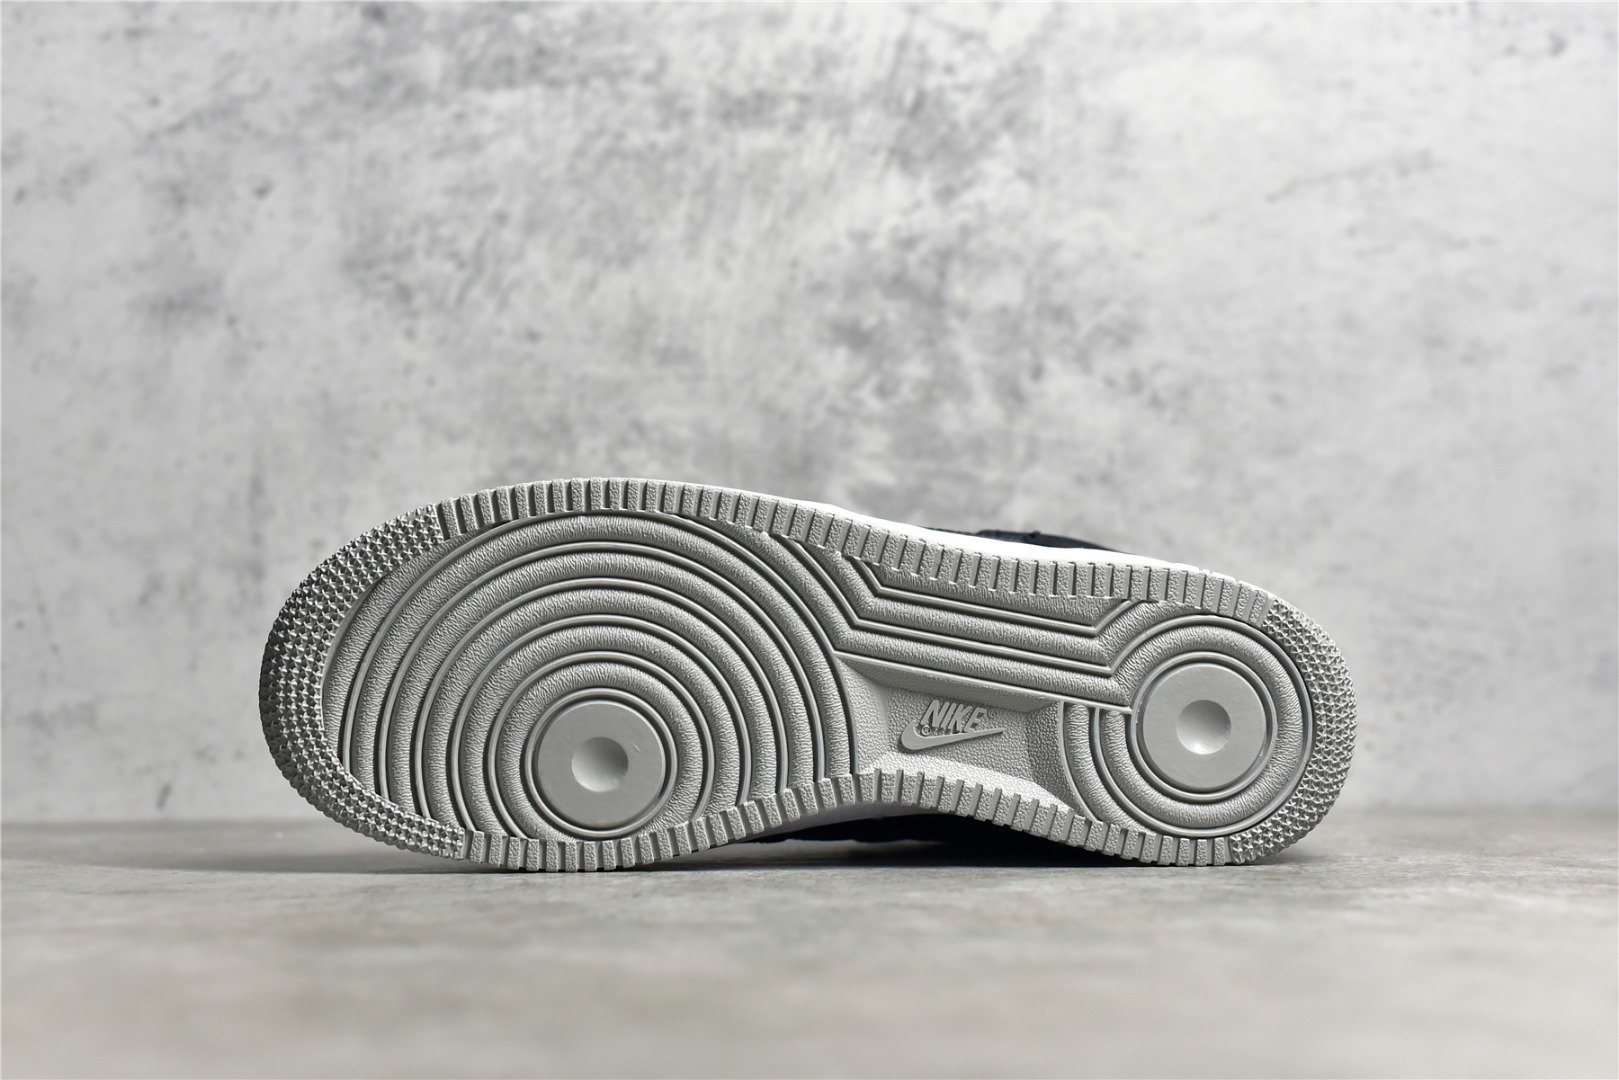 耐克空军影子灰低帮 Nike Air Force 1 Premium 影子灰配色 耐克空军黑灰低帮 货号:BQ6818-009-潮流者之家